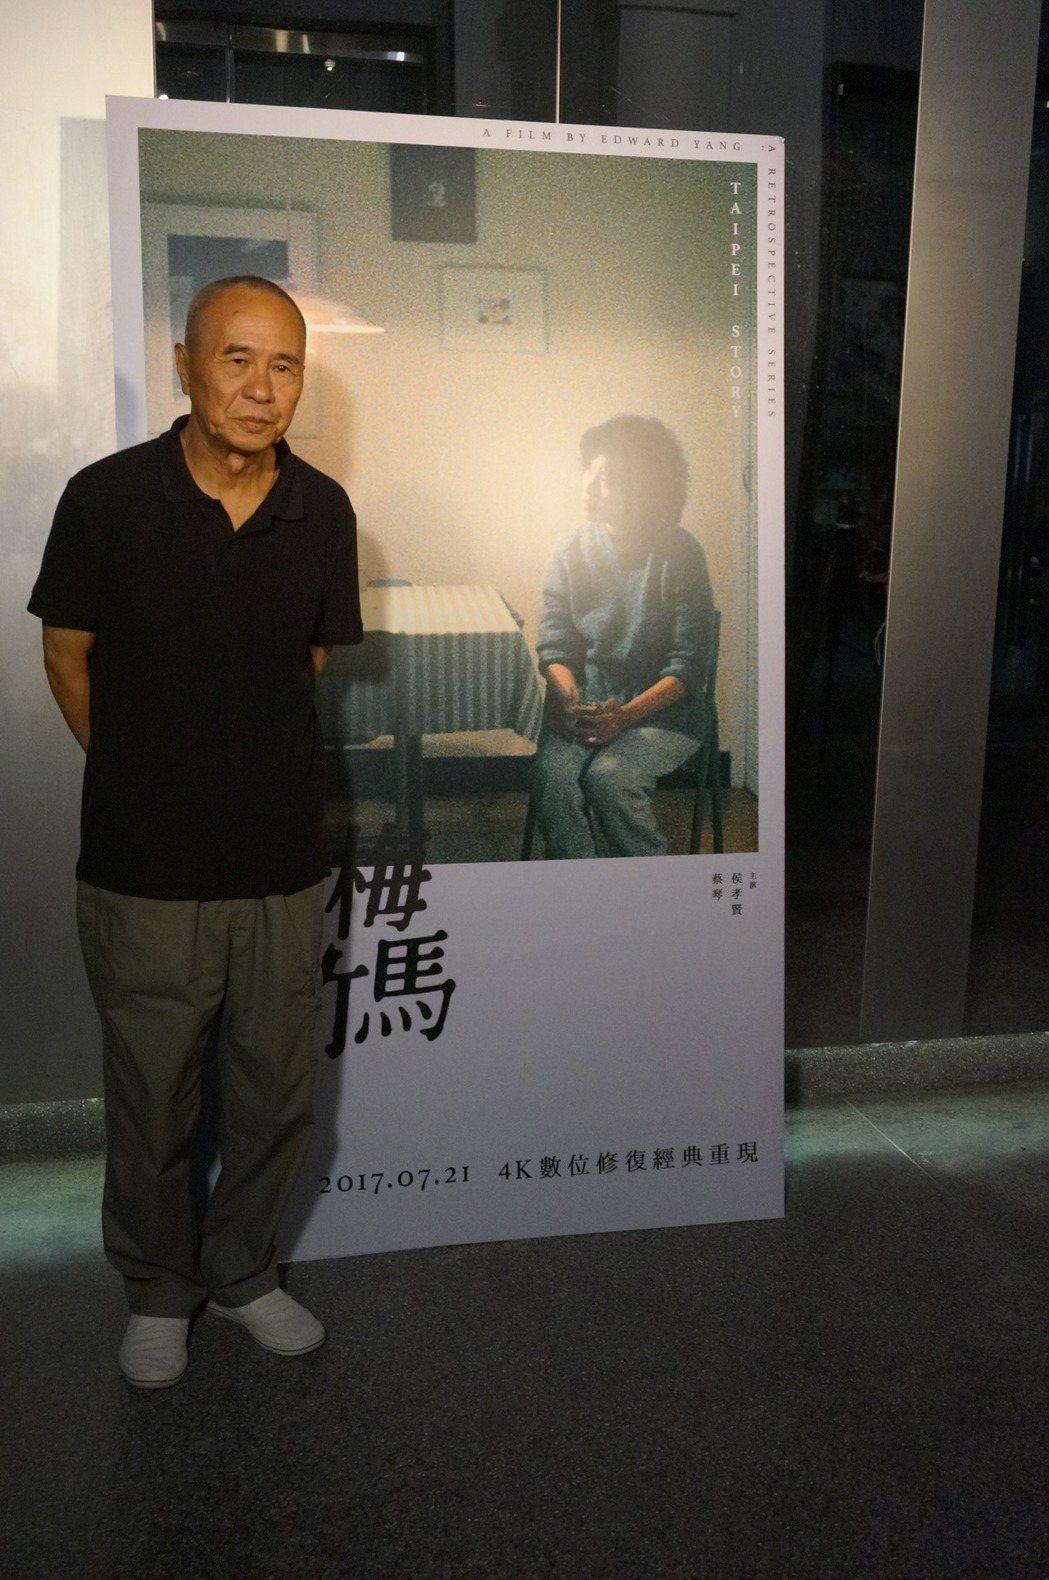 侯孝賢為「青梅竹馬」修復版放映站台。圖/傳影互動提供